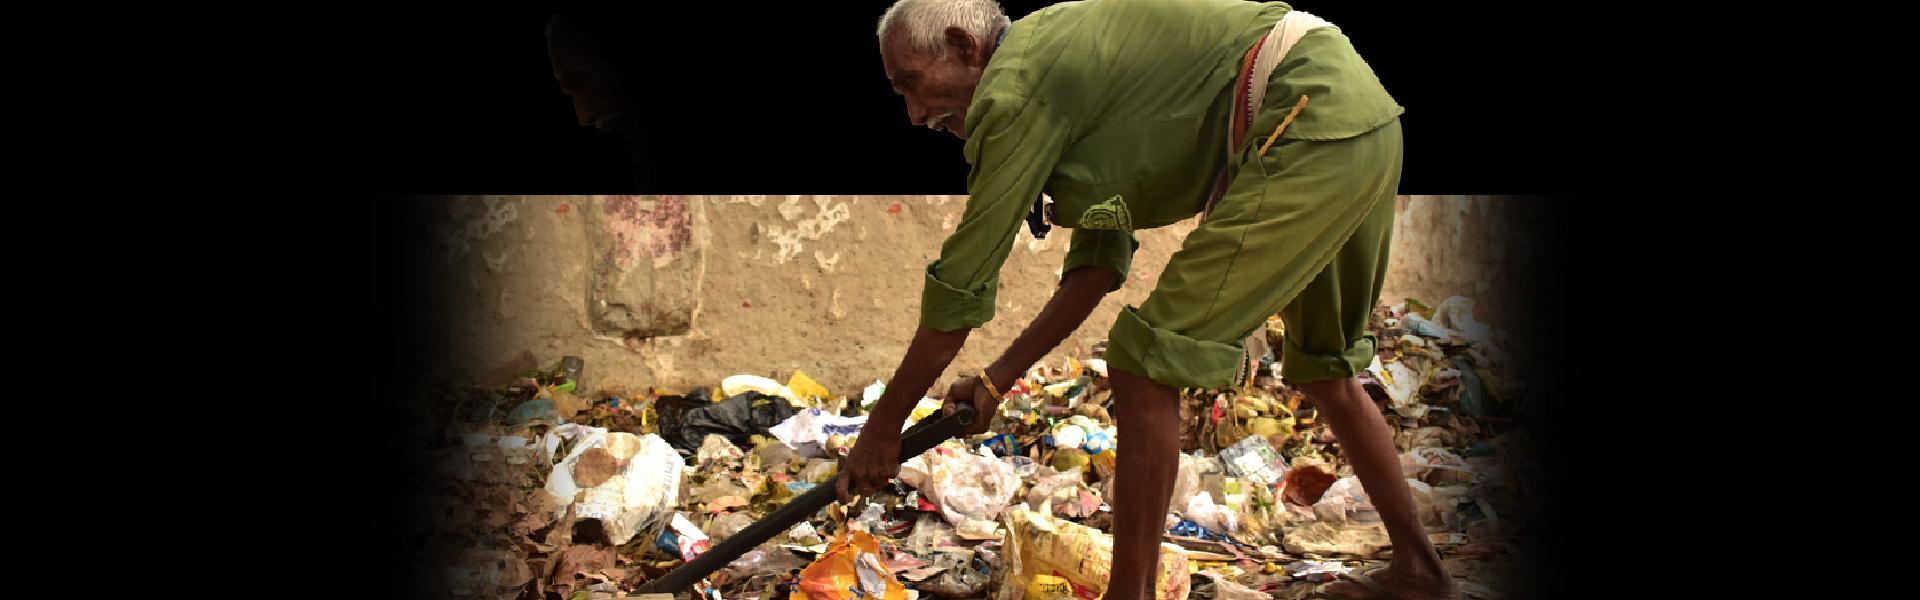 plastics in india